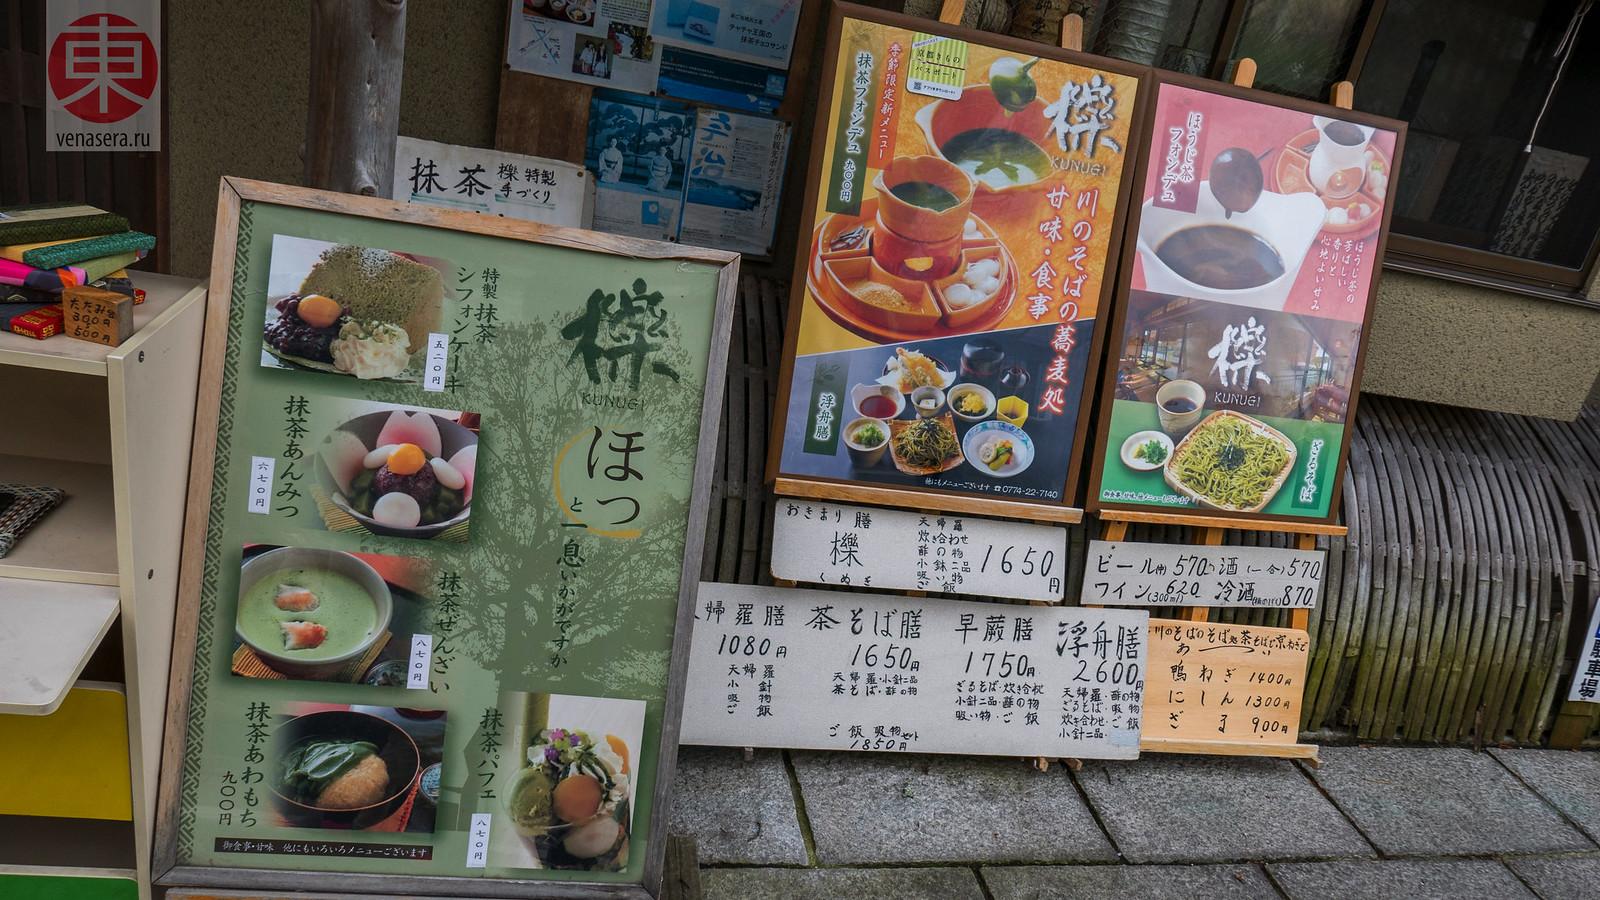 Little tripKyoto Japanмного храмов и едызеленый чай Видео